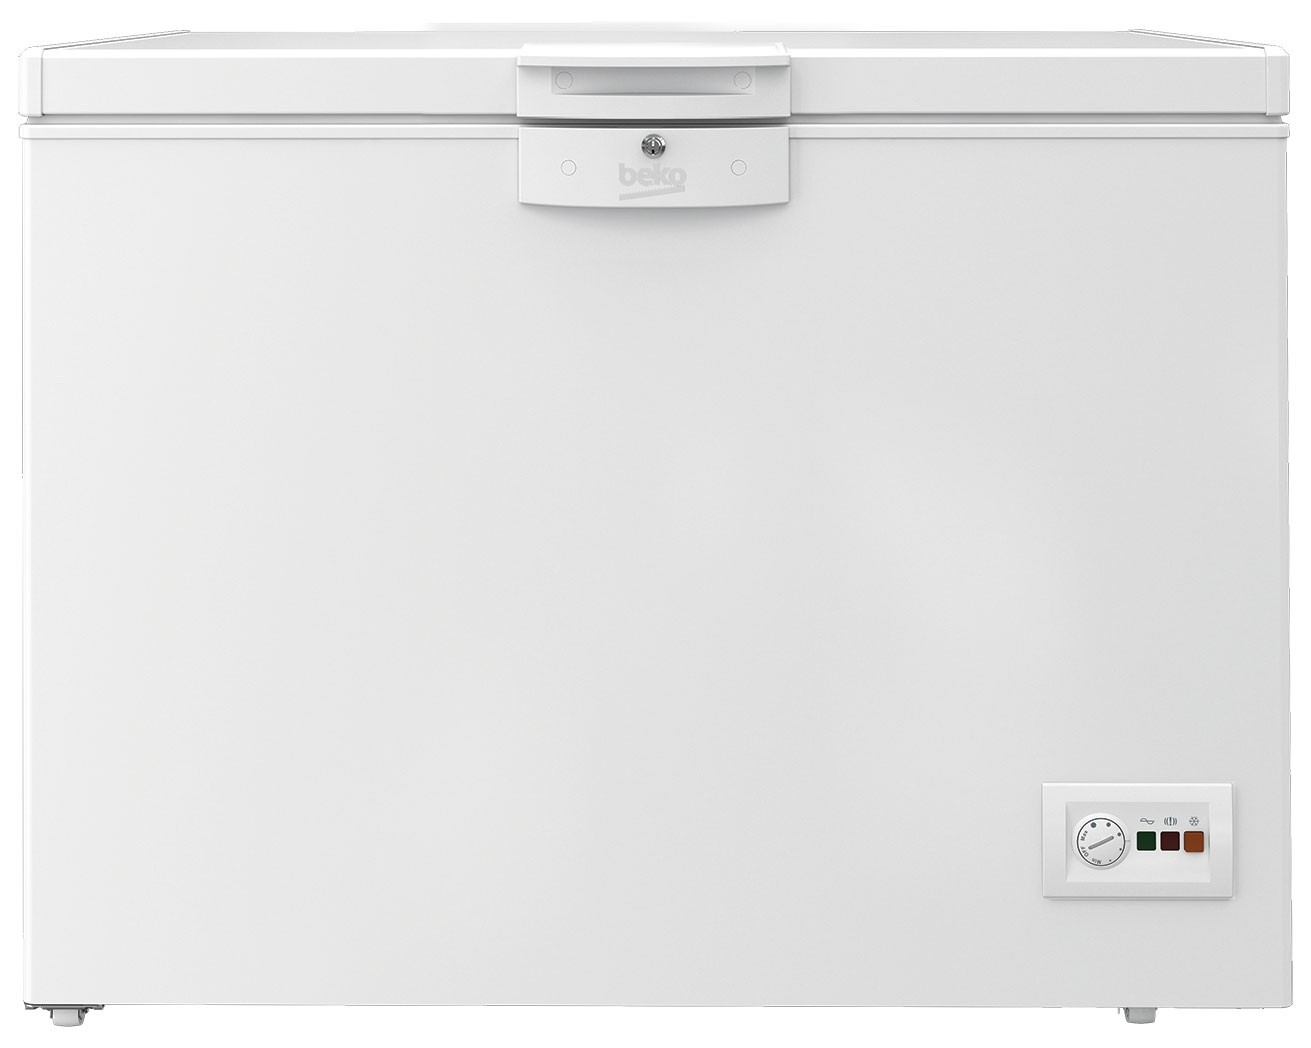 Lada frigorifica Beko HSA24540N, 230 l, E, Alb